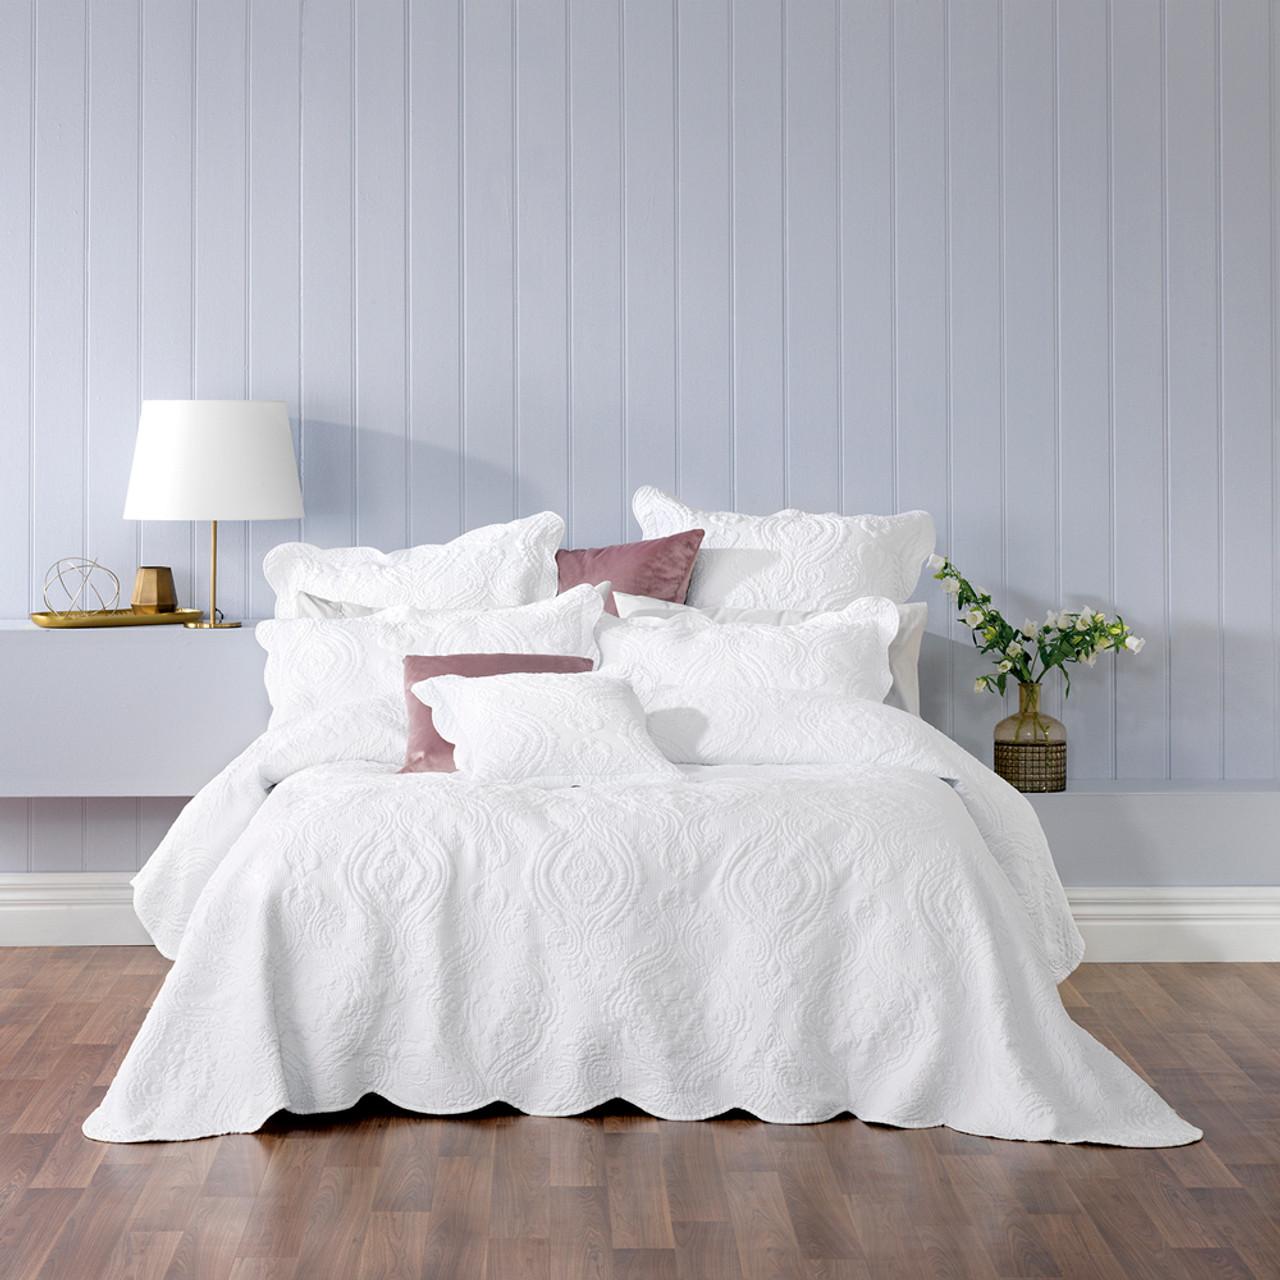 Picture of: Bianca Cordelia White Queen Bed Bedspread Set My Linen